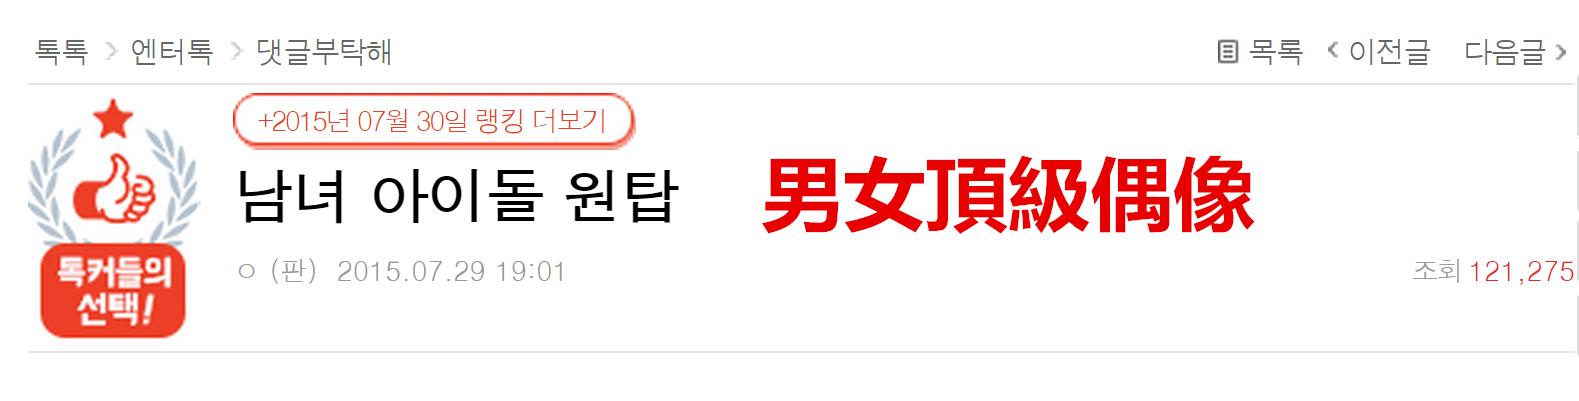 昨天在韓網上一篇文章引發熱烈討論,討論主題是男女偶像裡面最頂尖的人物!